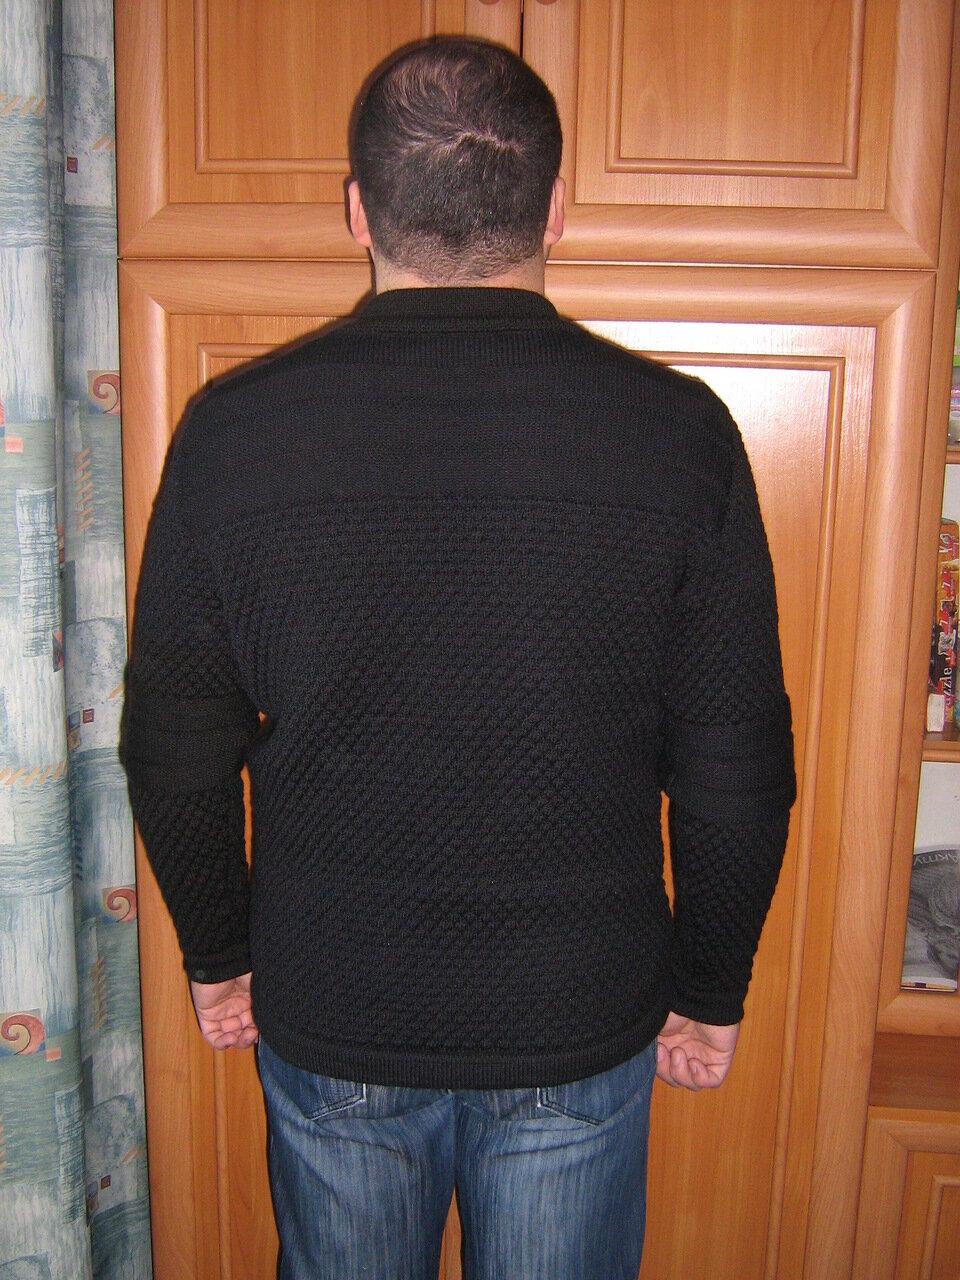 Продам мужской свитер, копия дизайнерской вещи.  Состав: 80% шерсть, 20...